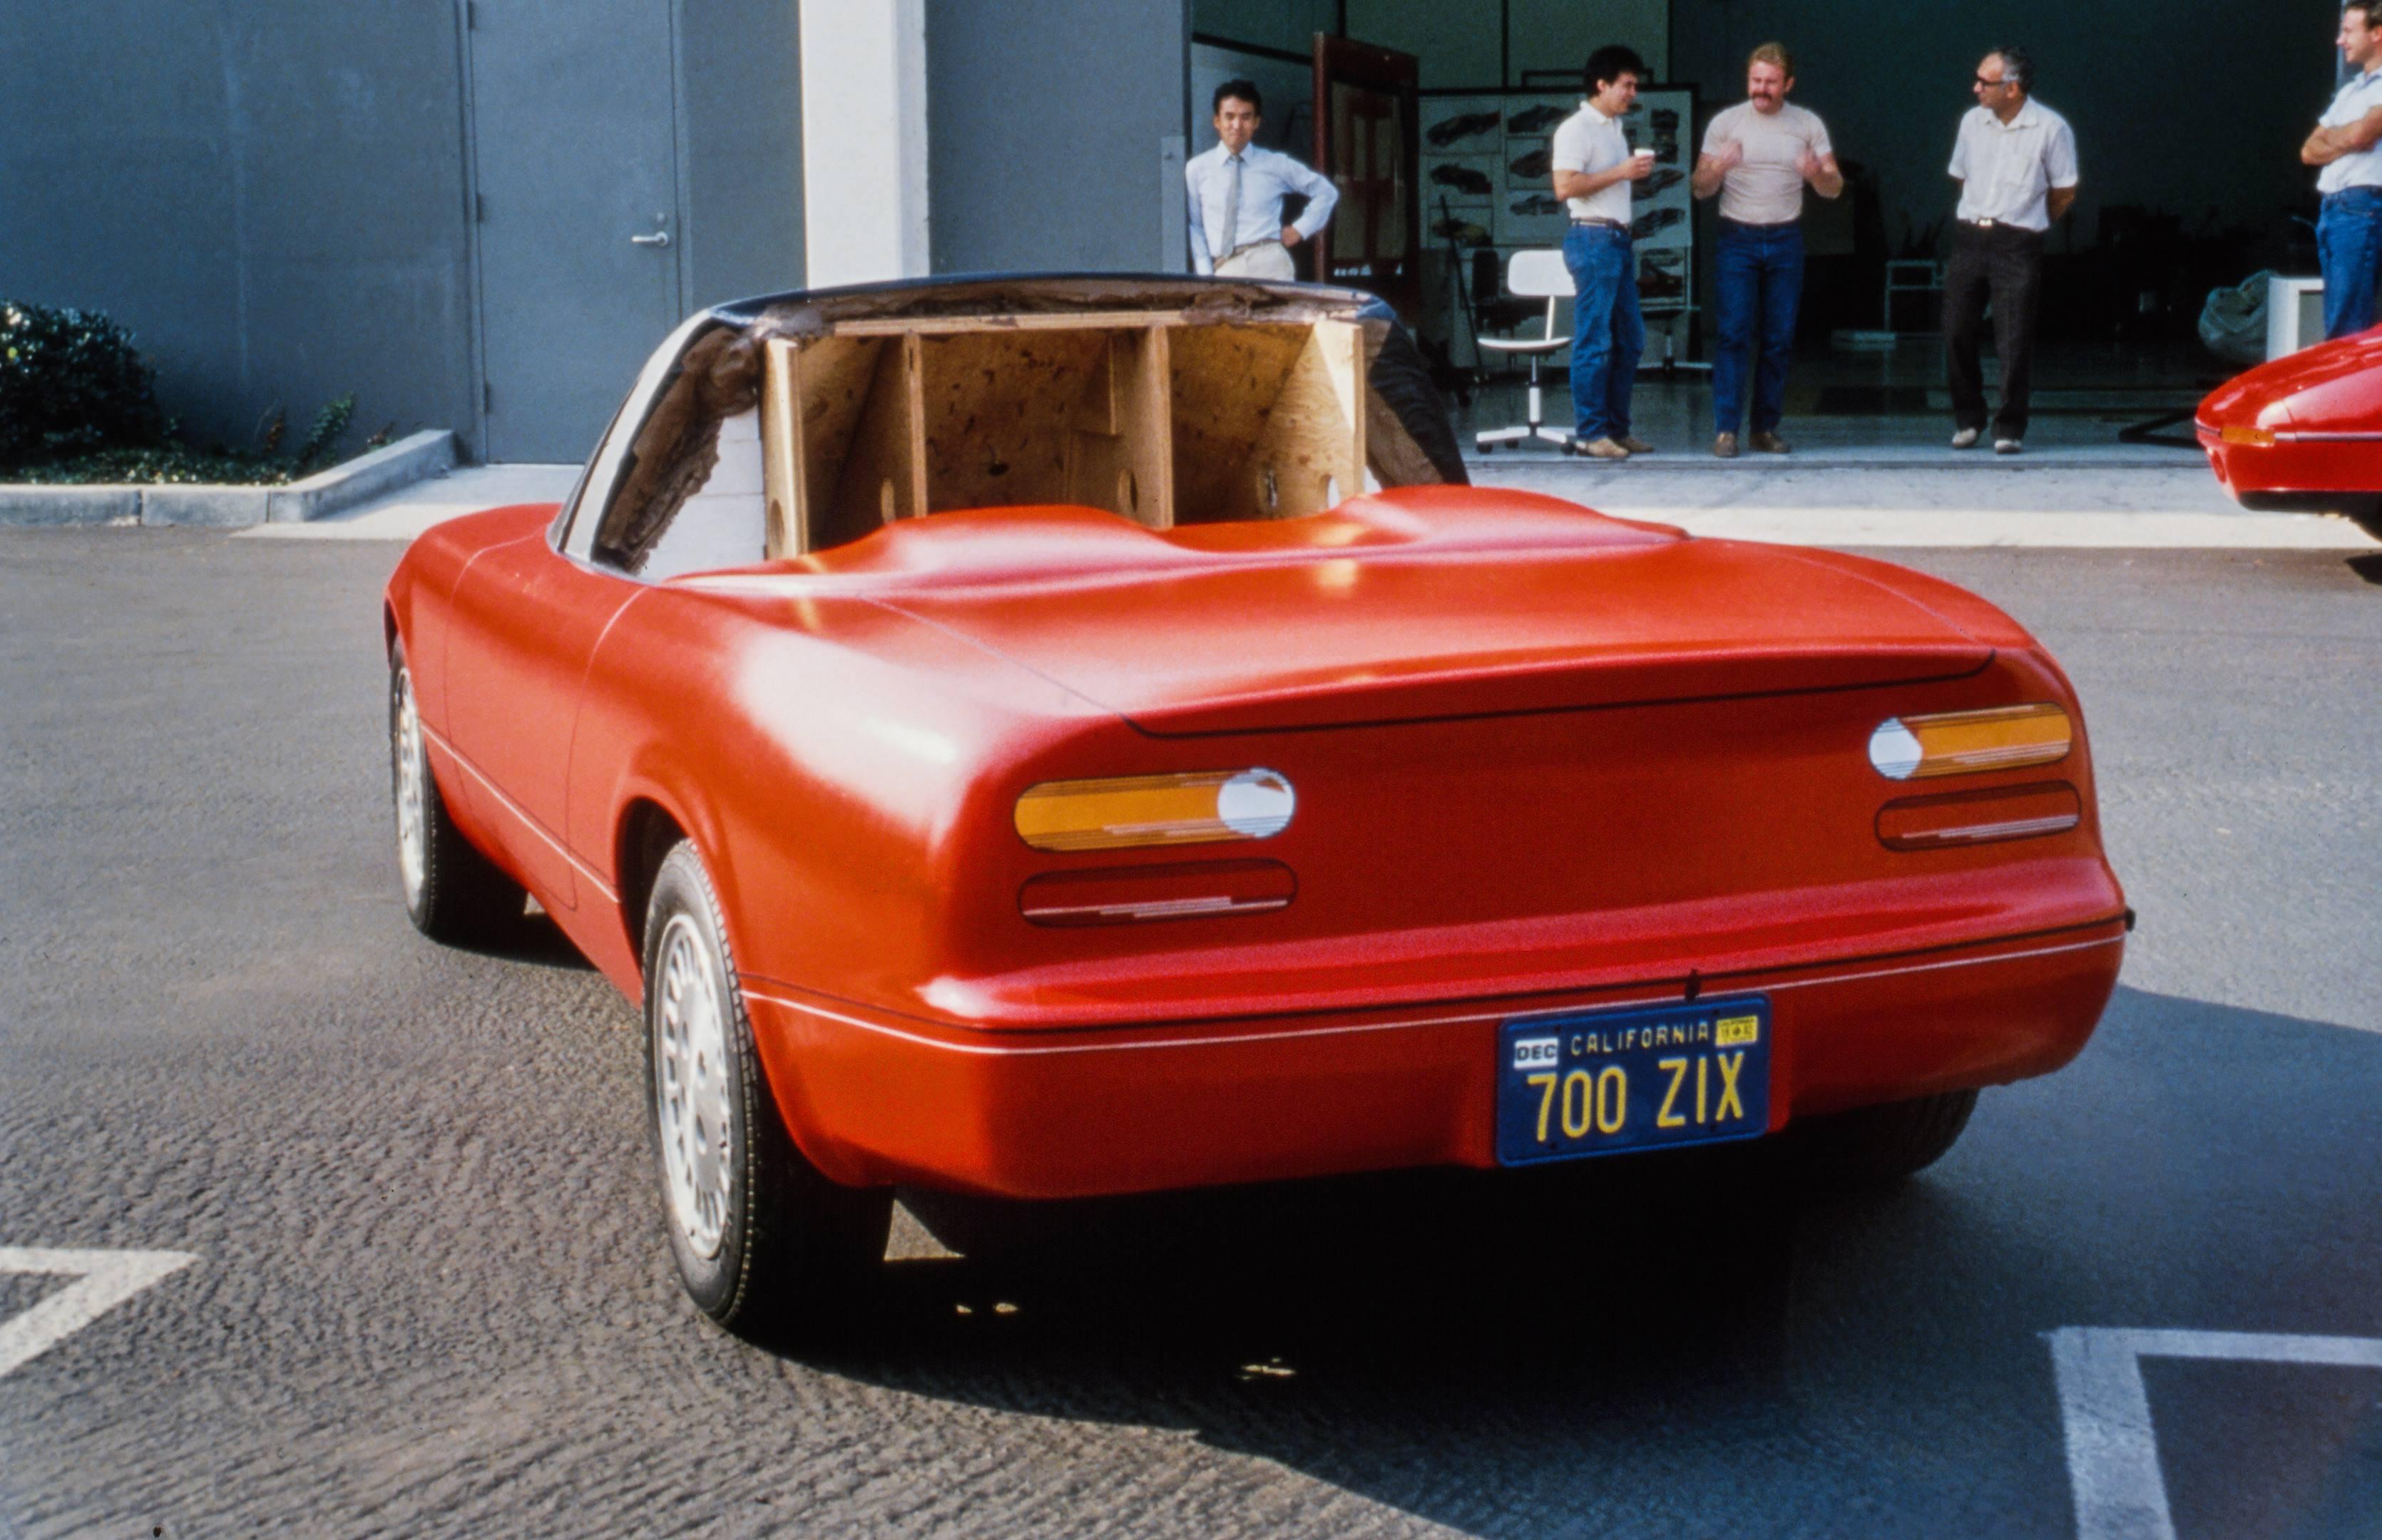 miata mx5 test rear taillights